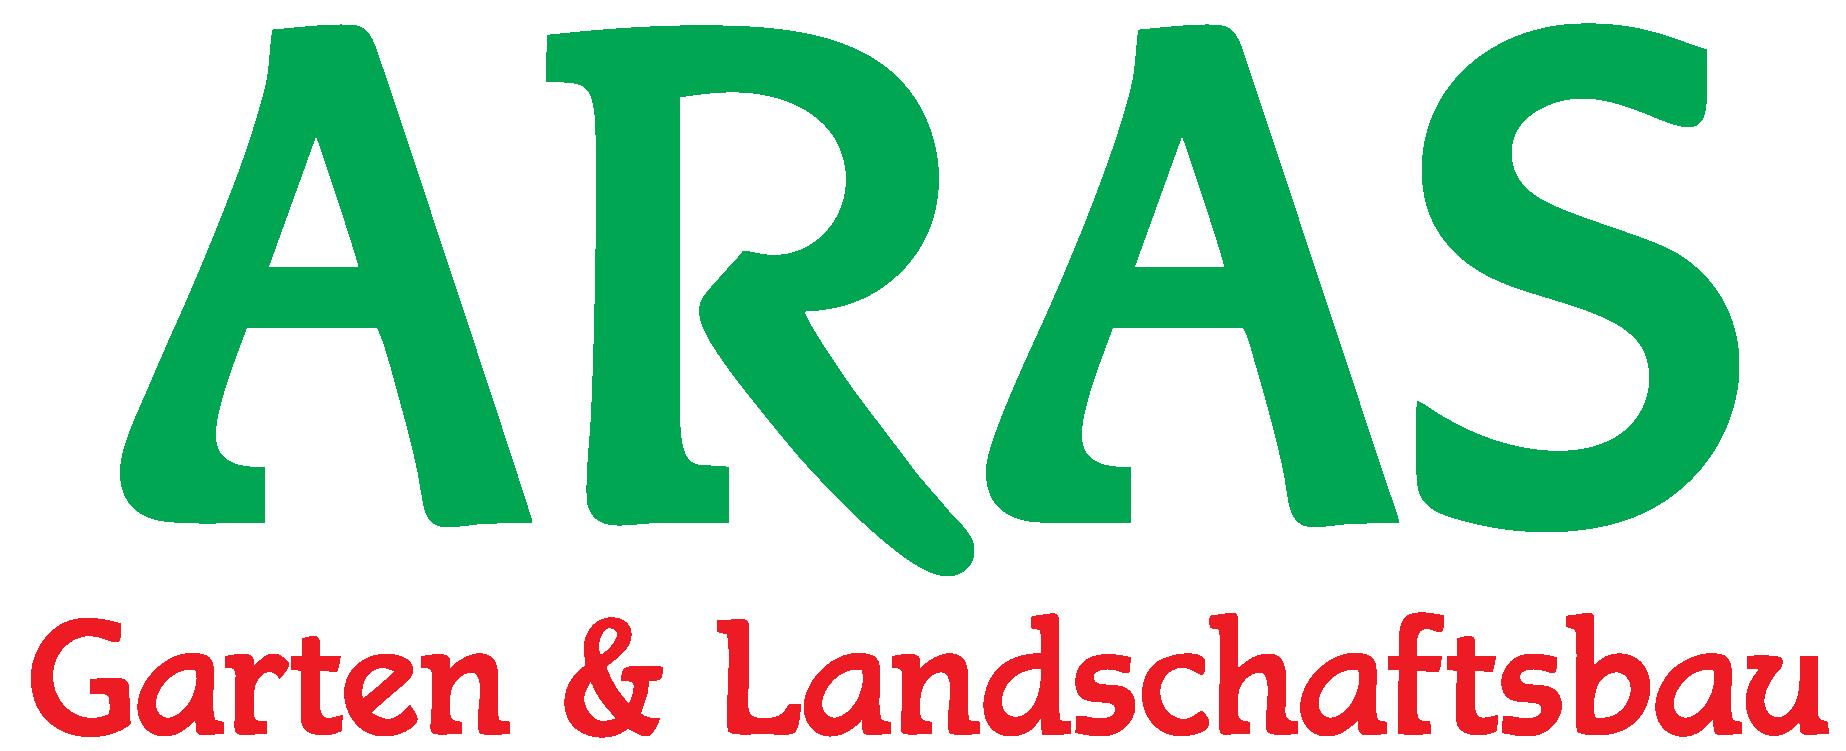 Aras Gartenbau